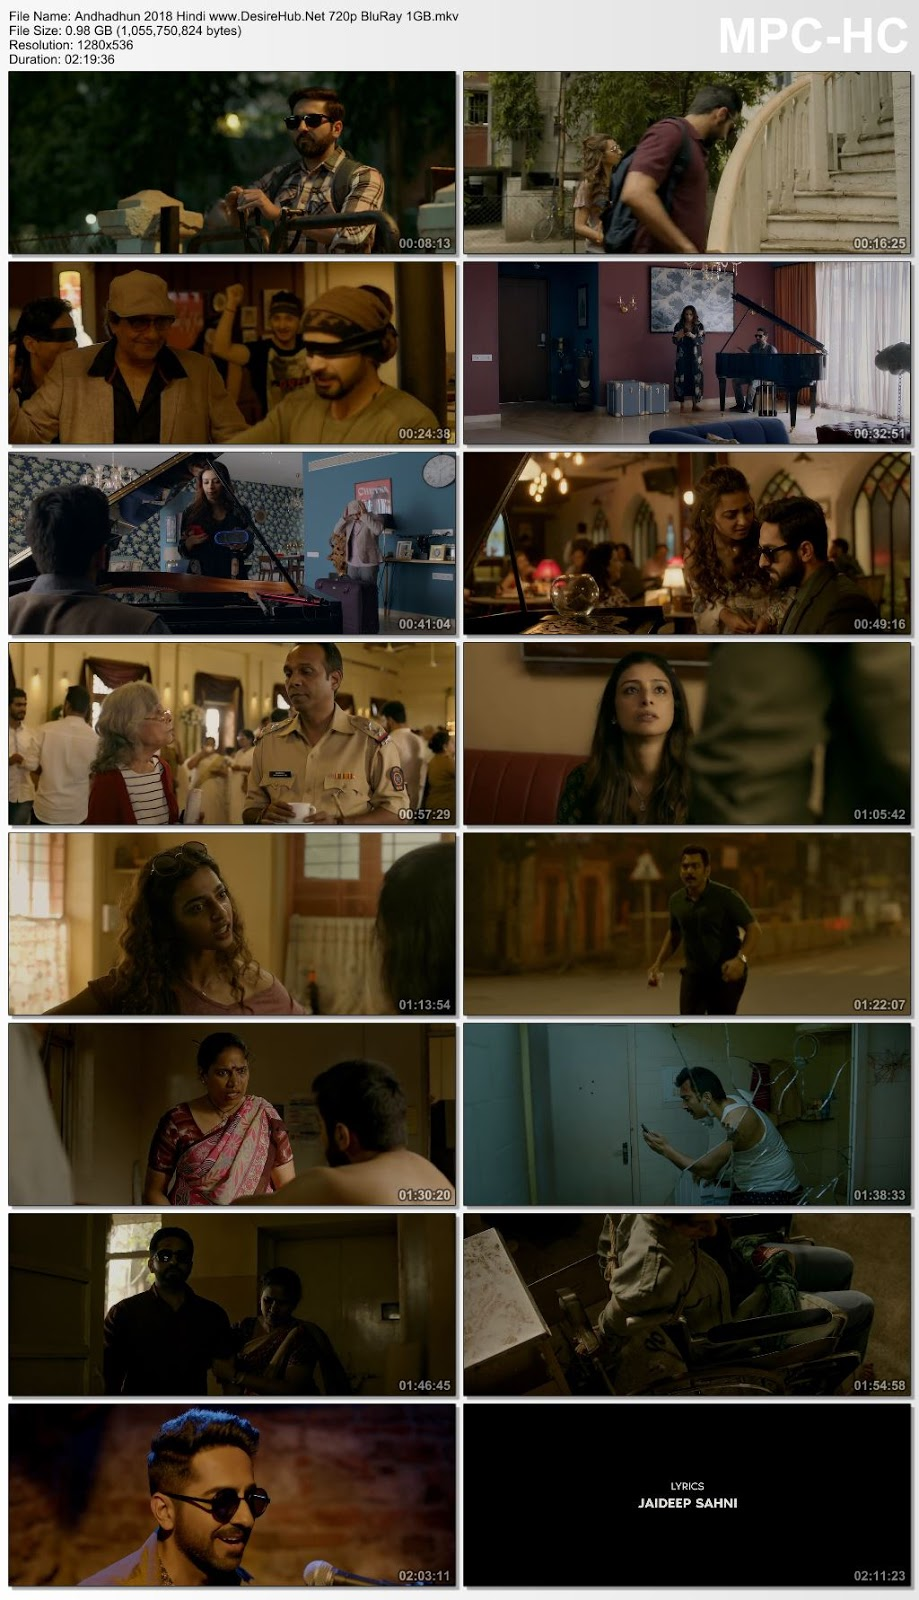 Andhadhun 2018 Hindi 480p BluRay 350MB Desirehub